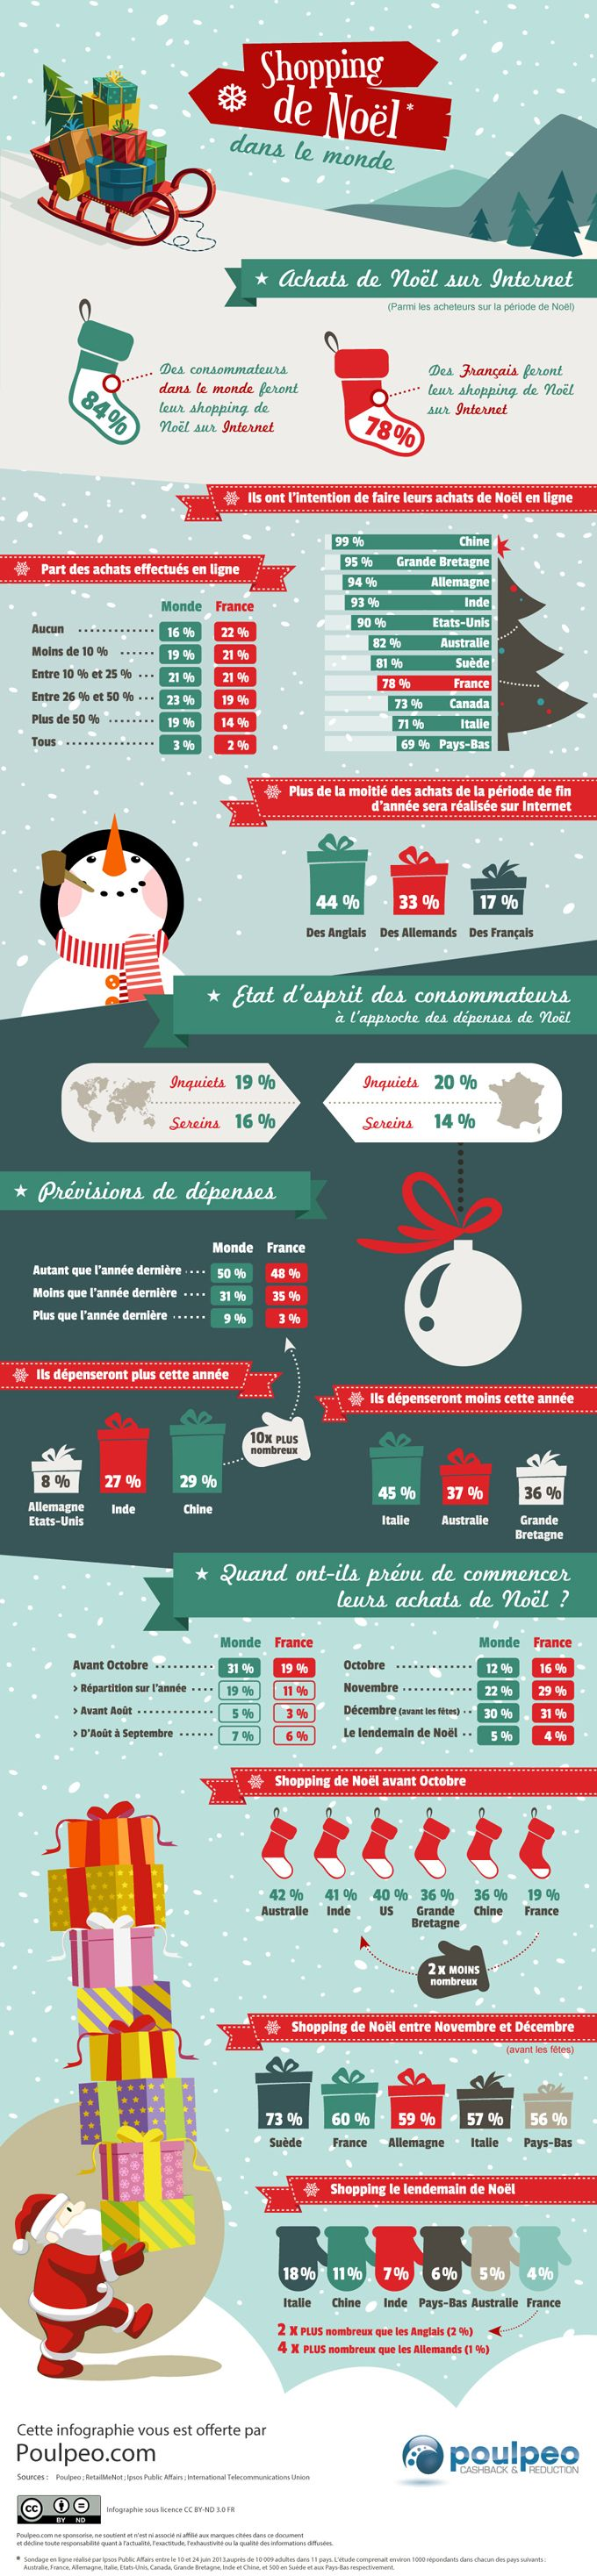 Les intentions d'achats des consommateurs sur #internet pour Noël 2013 #noel2013 #infographics #infographiesweb #ecommerce